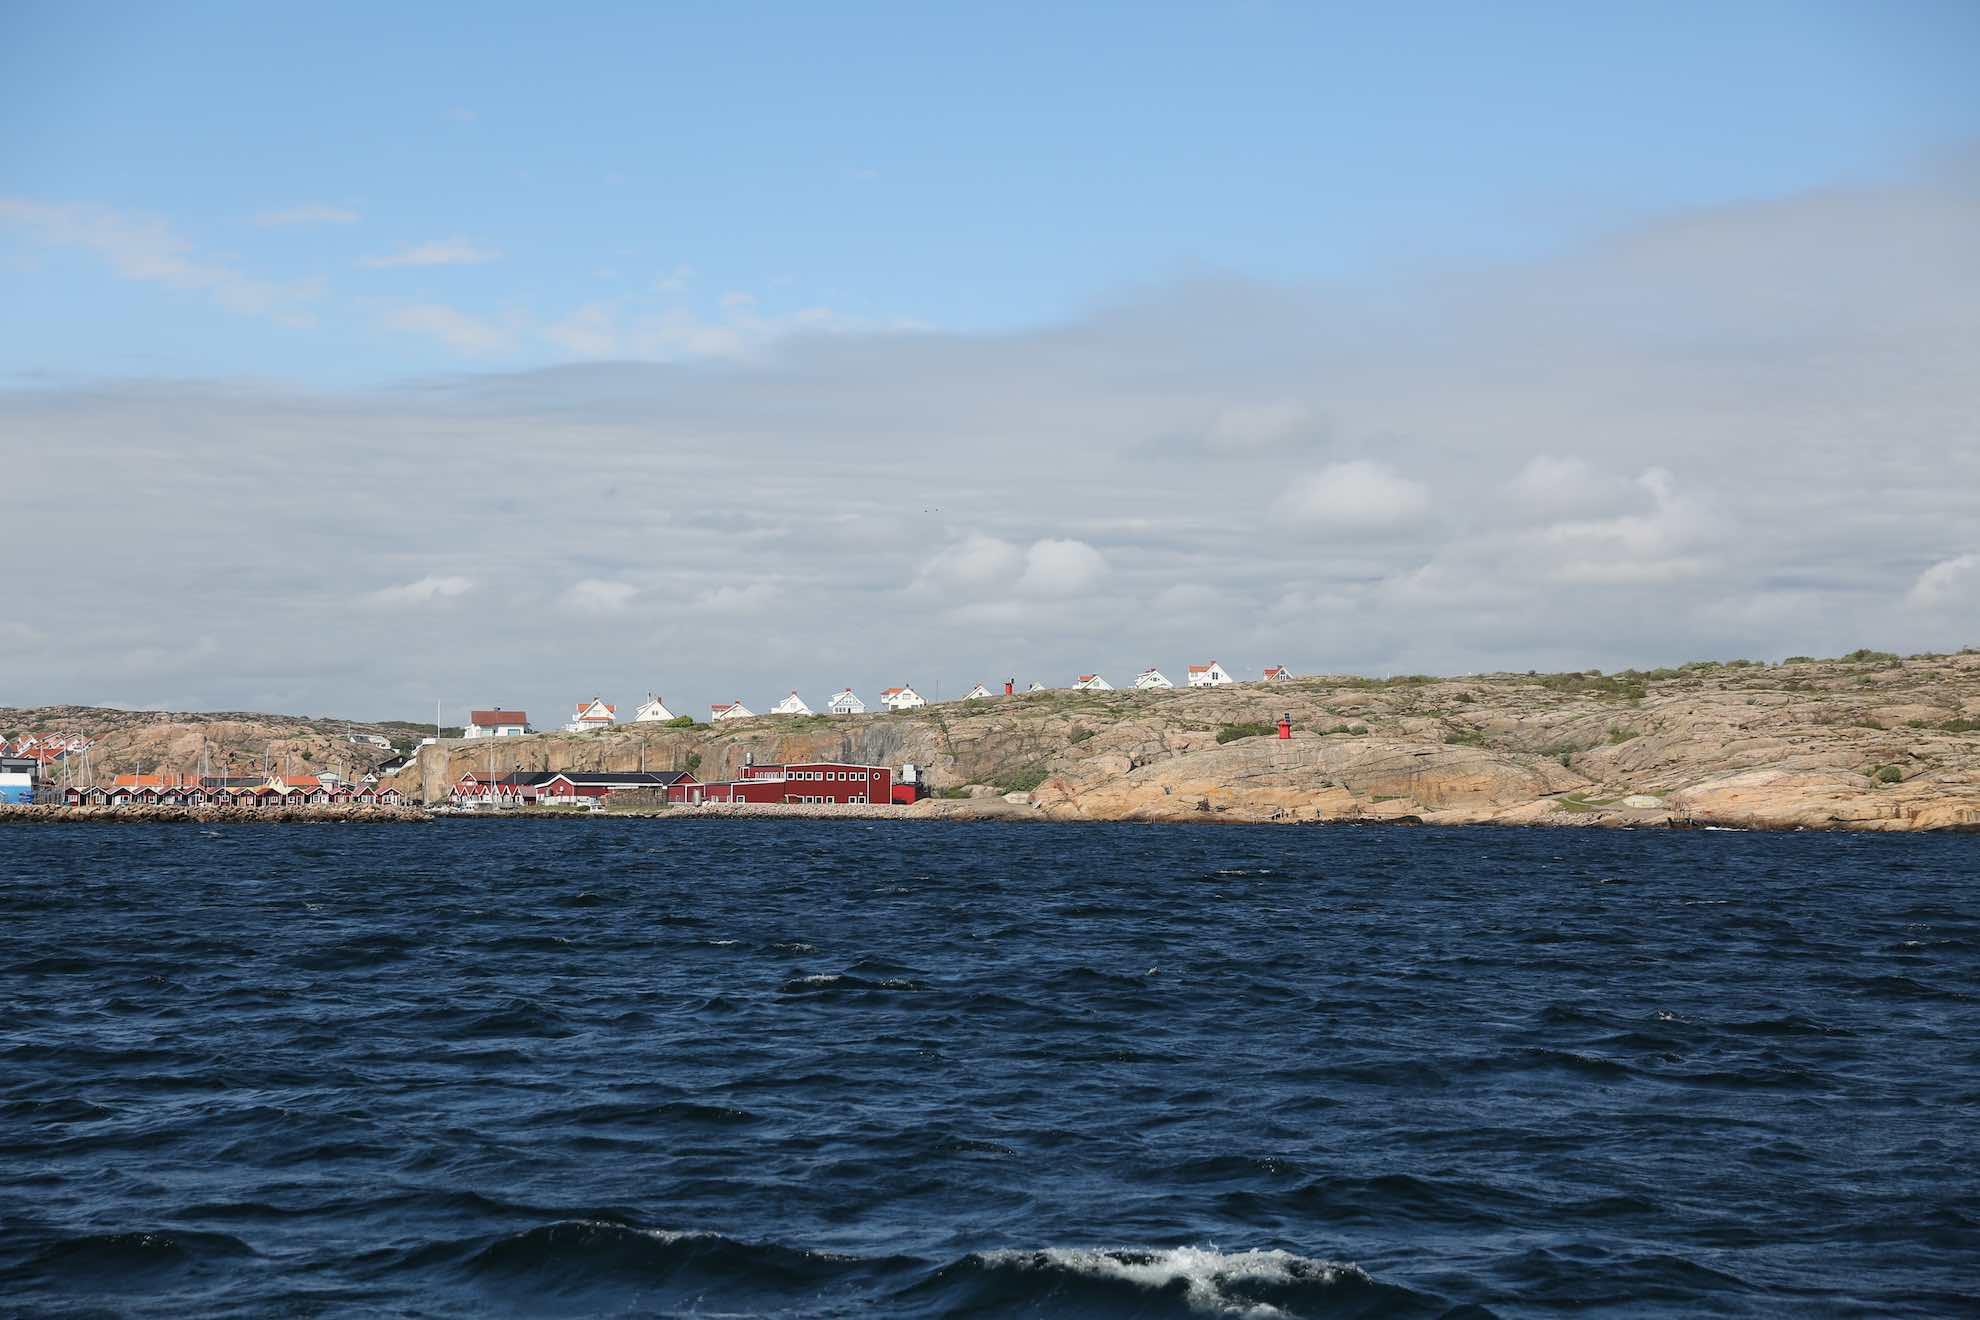 Es klart auf. Unser Ziel, die Insel Smögen, ist mit einer Brücke mit dem Festland verbunden.